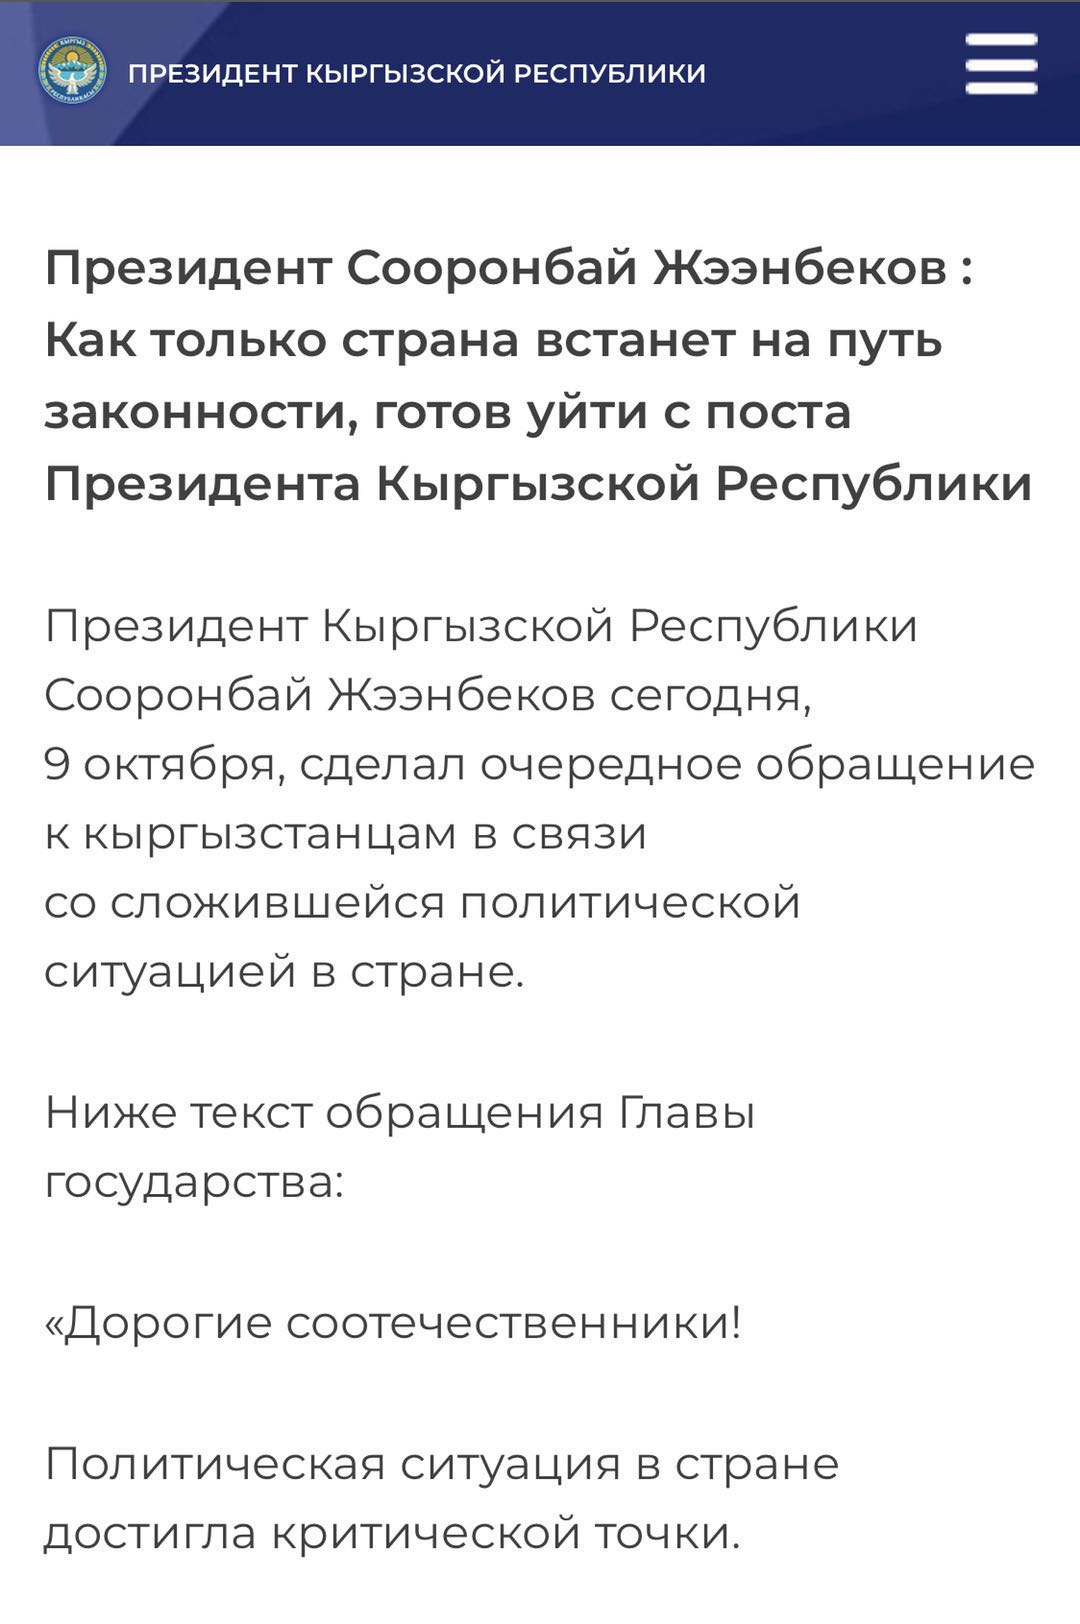 吉爾吉斯斯坦總統發佈聲明, 稱已做好辭職準備-圖2